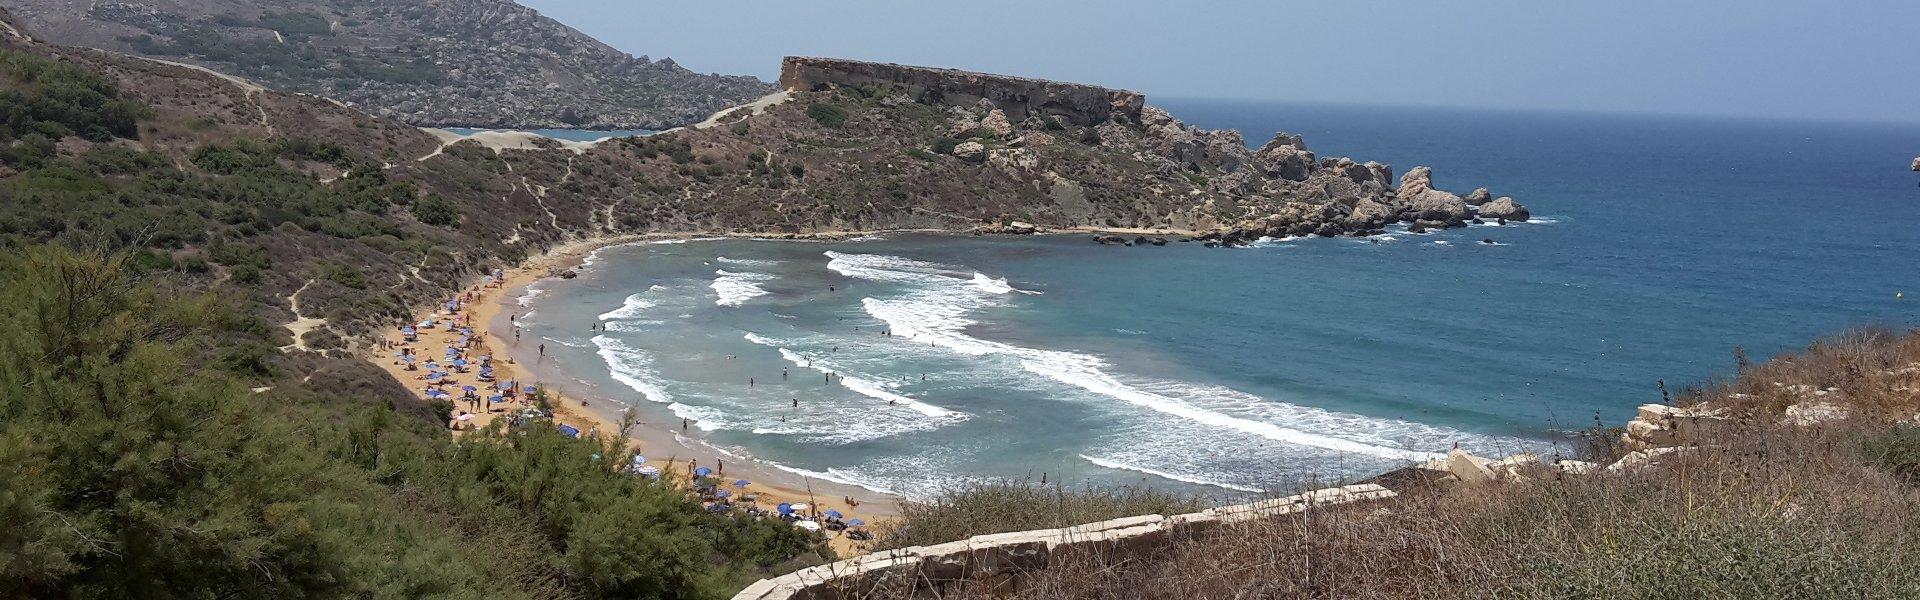 ghajn-tuffieha-bay-beach-malta